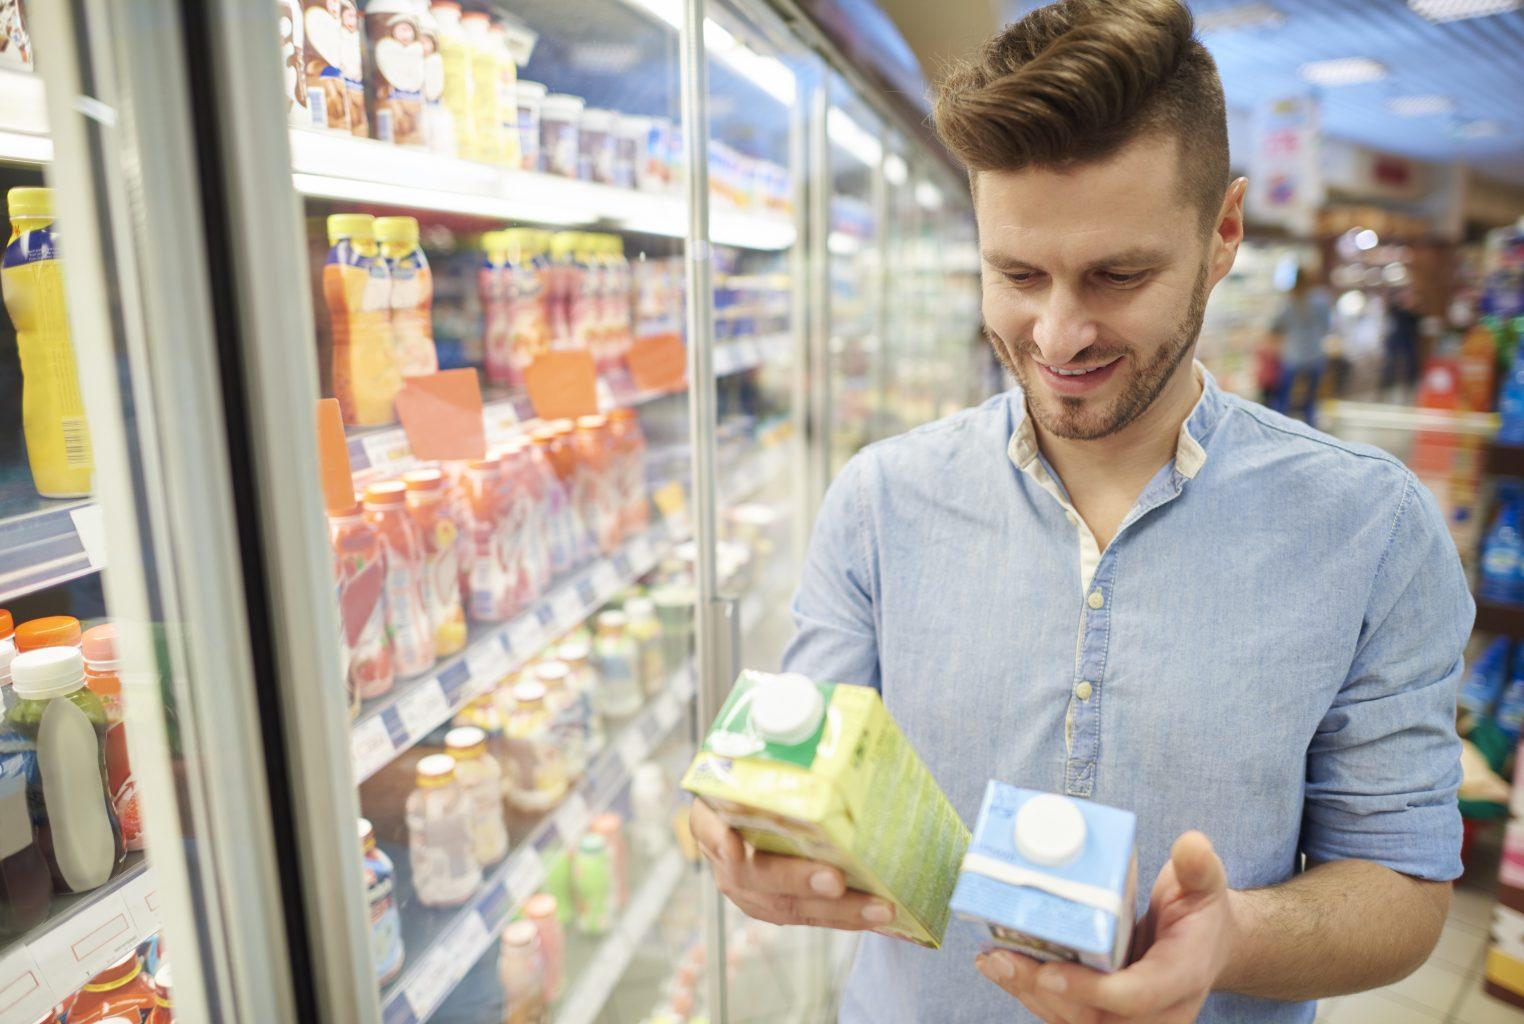 Individuelle Marktforschung Preisanalyse von Person in Supermarkt